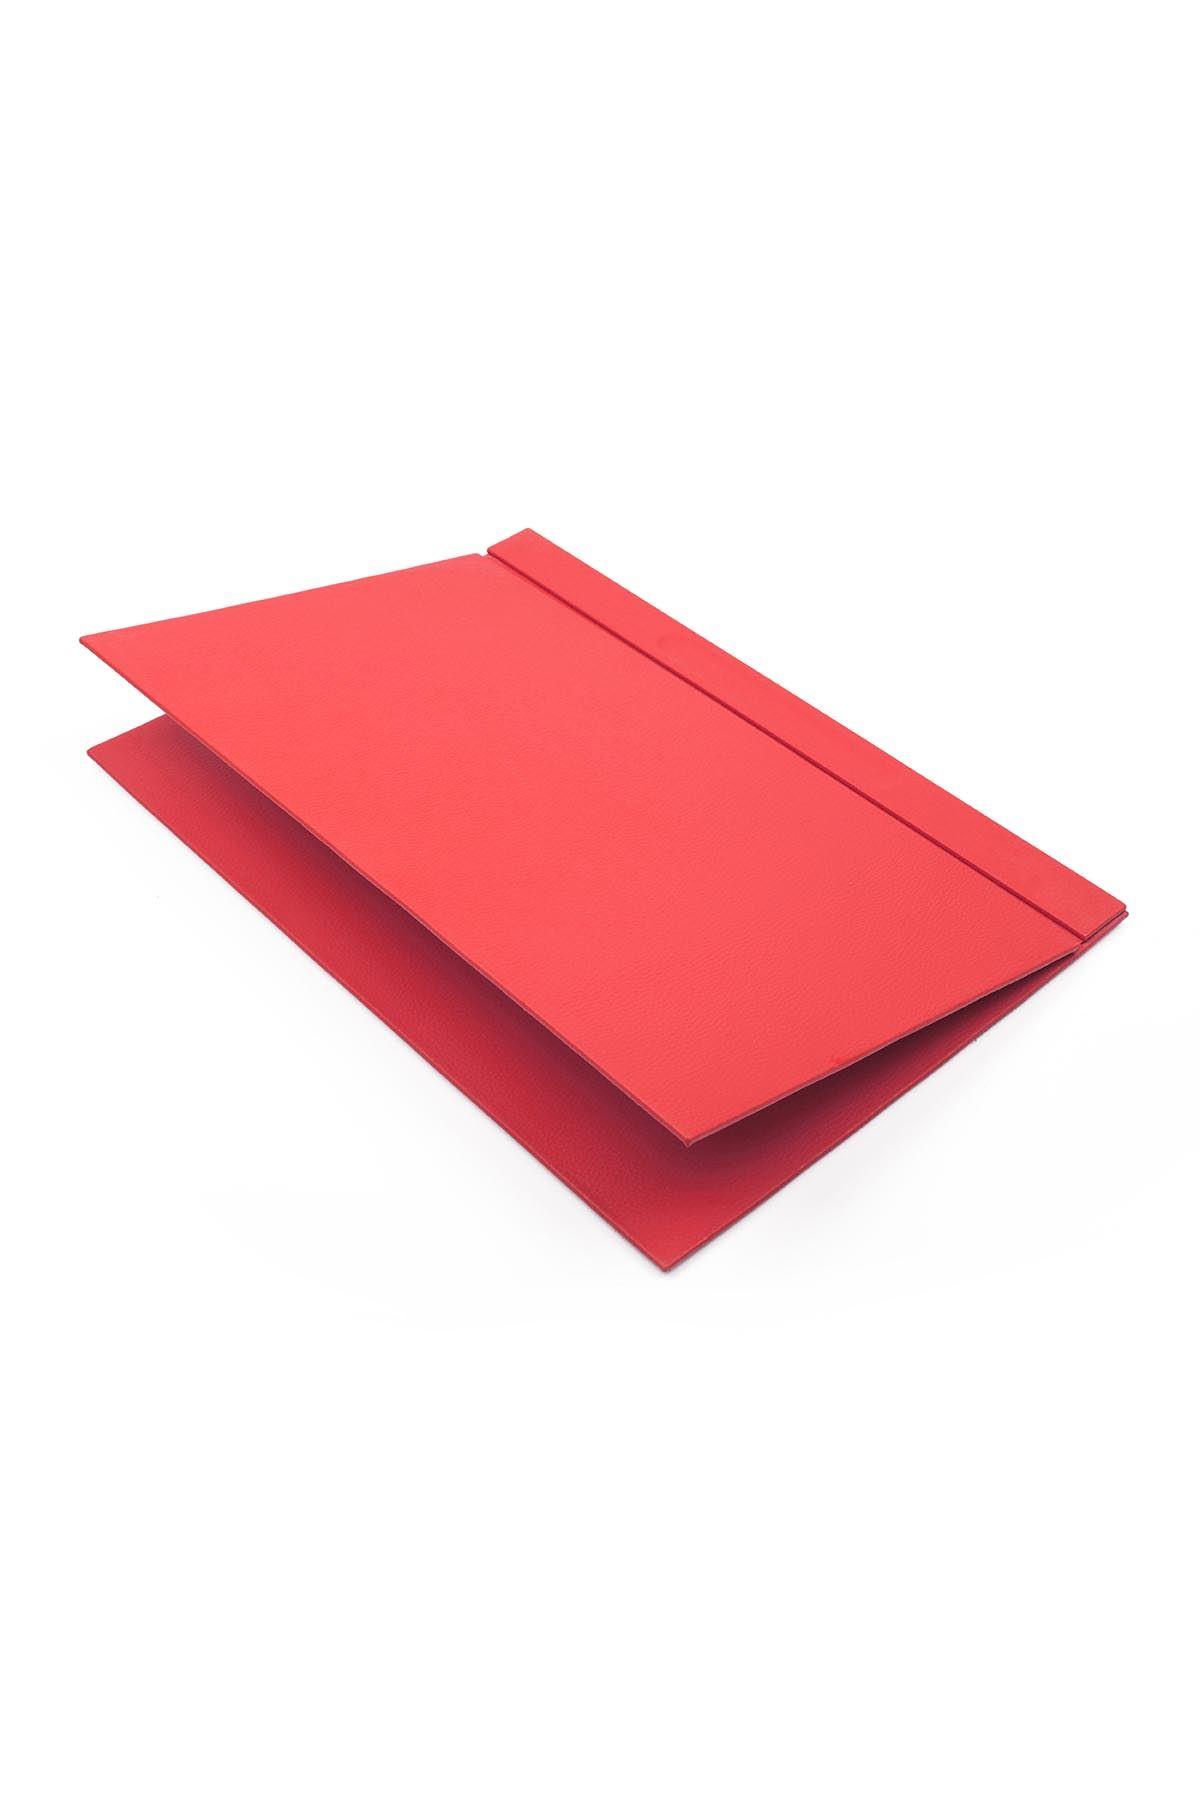 Deri Sümen Takımı Kırmızı 8 Parça İsimlik Hediyeli